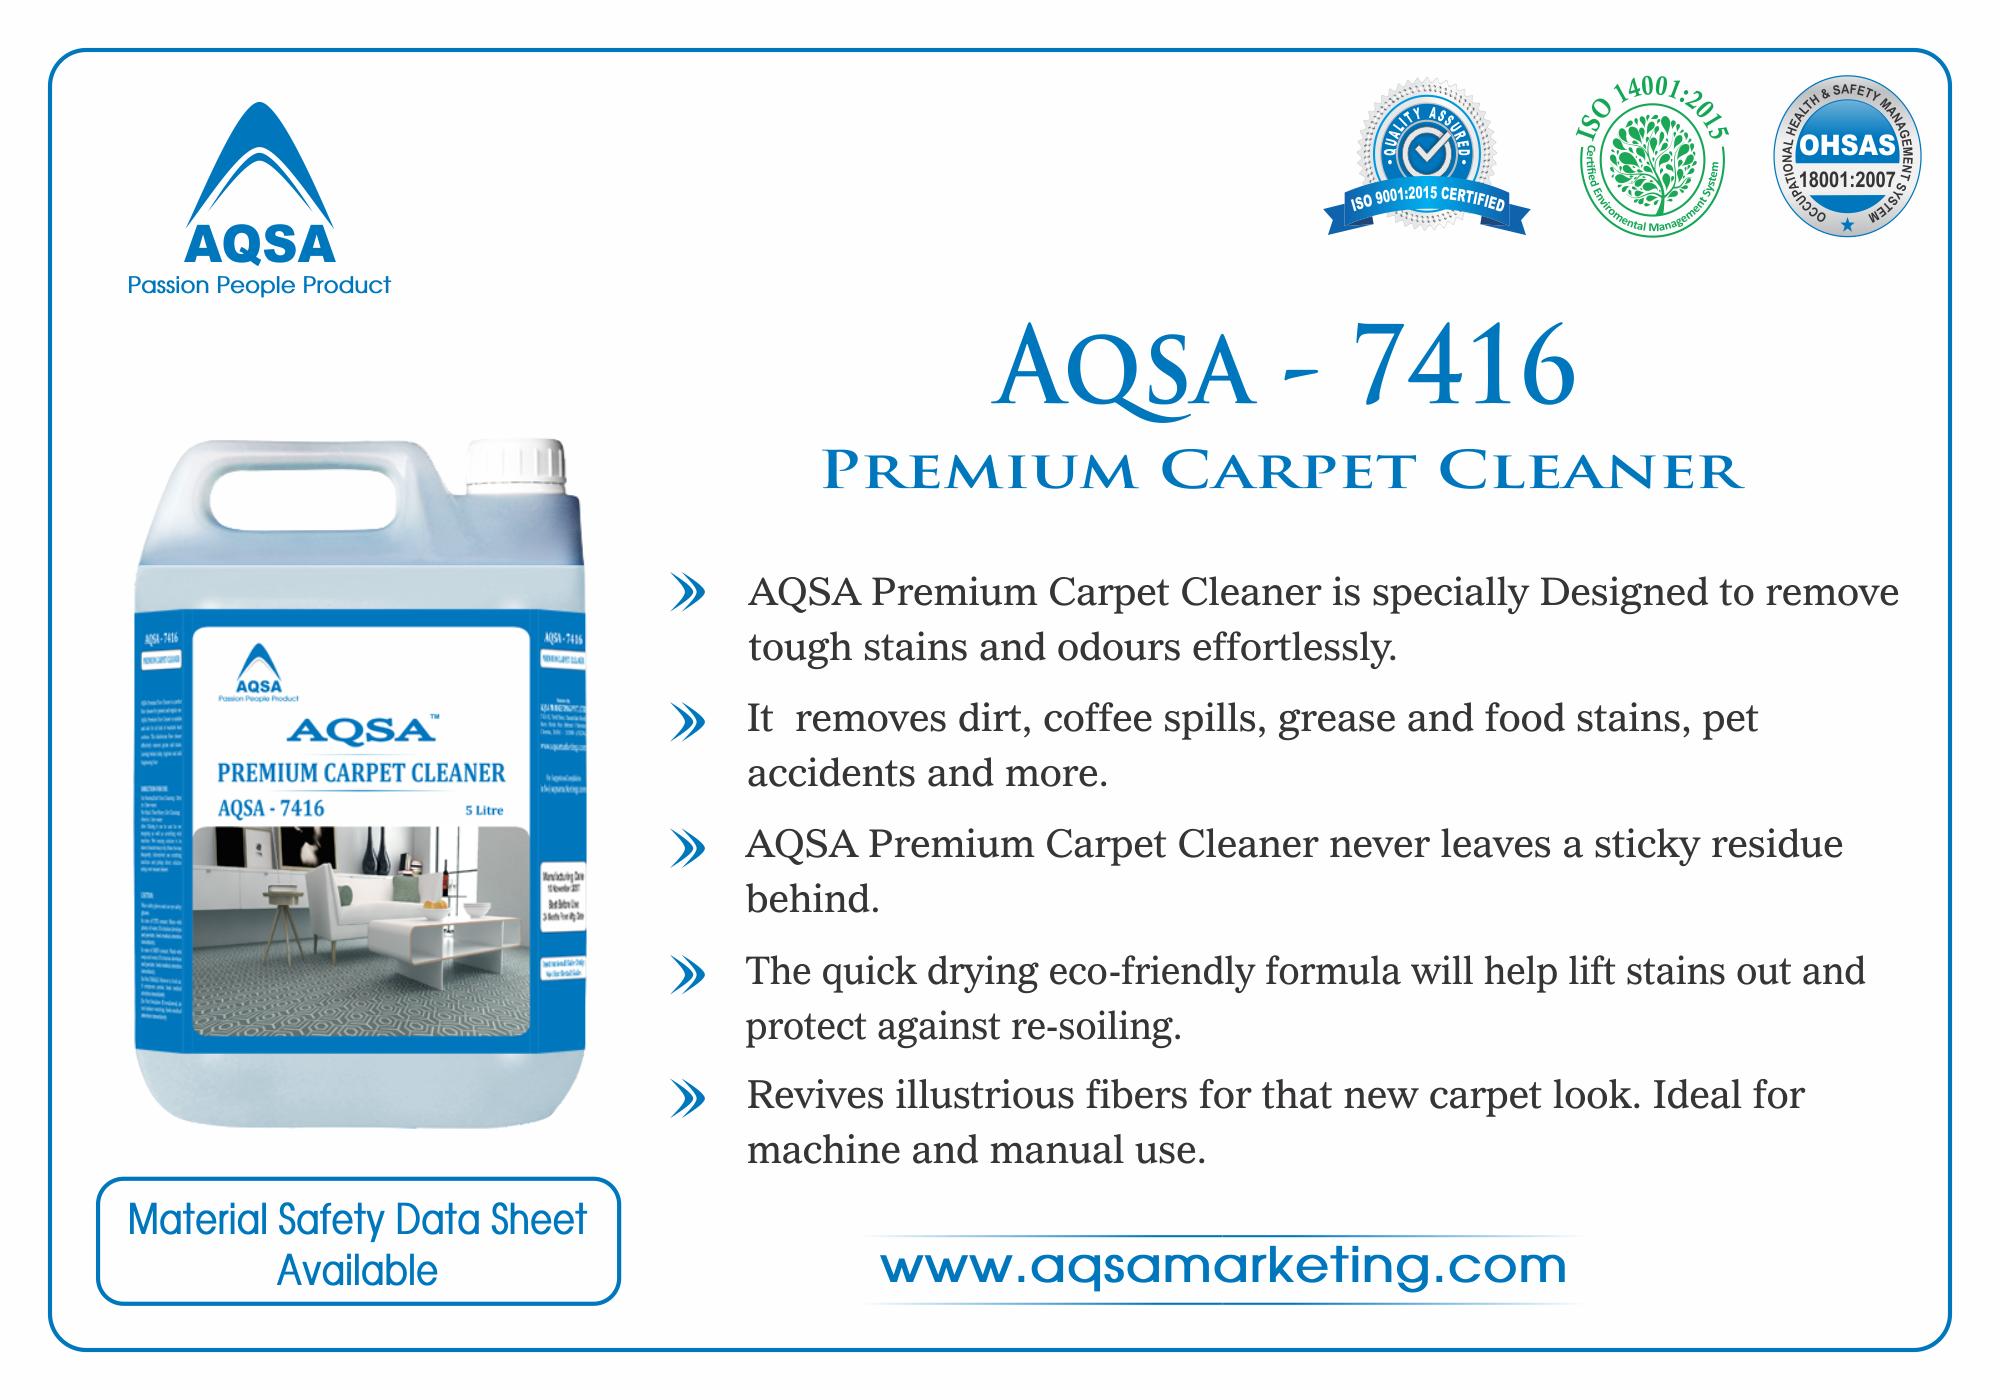 Premium Carpet Cleaner AQSA-7416 image